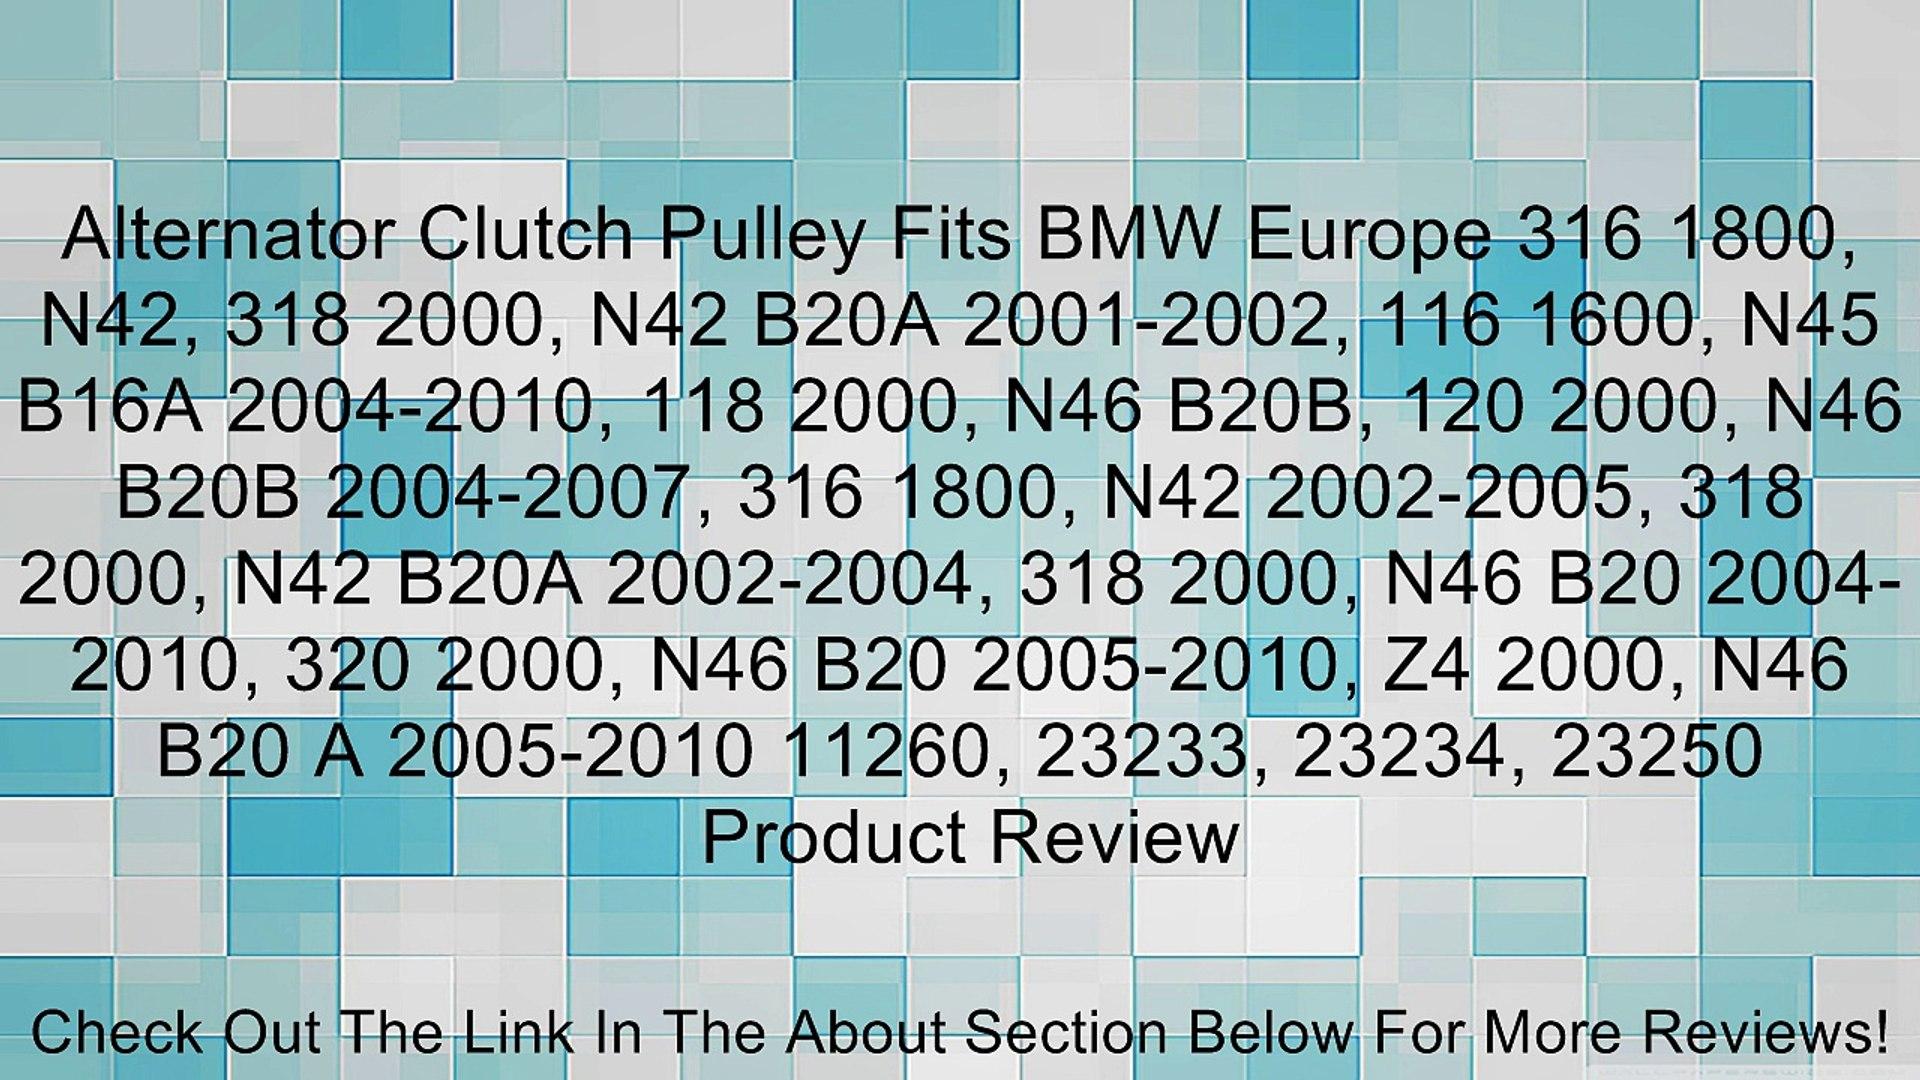 Alternator Clutch Pulley Fits BMW Europe 316 1800, N42, 318 2000, N42 B20A 2001-2002, 116 1600, N45 B16A 2004-2010, 118 2000, N46 B20B, 120 2000, N46 B20B 2004-2007, 316 1800, N42 2002-2005, 318 2000, N42 B20A 2002-2004, 318 2000, N46 B20 2004-2010, 320 2